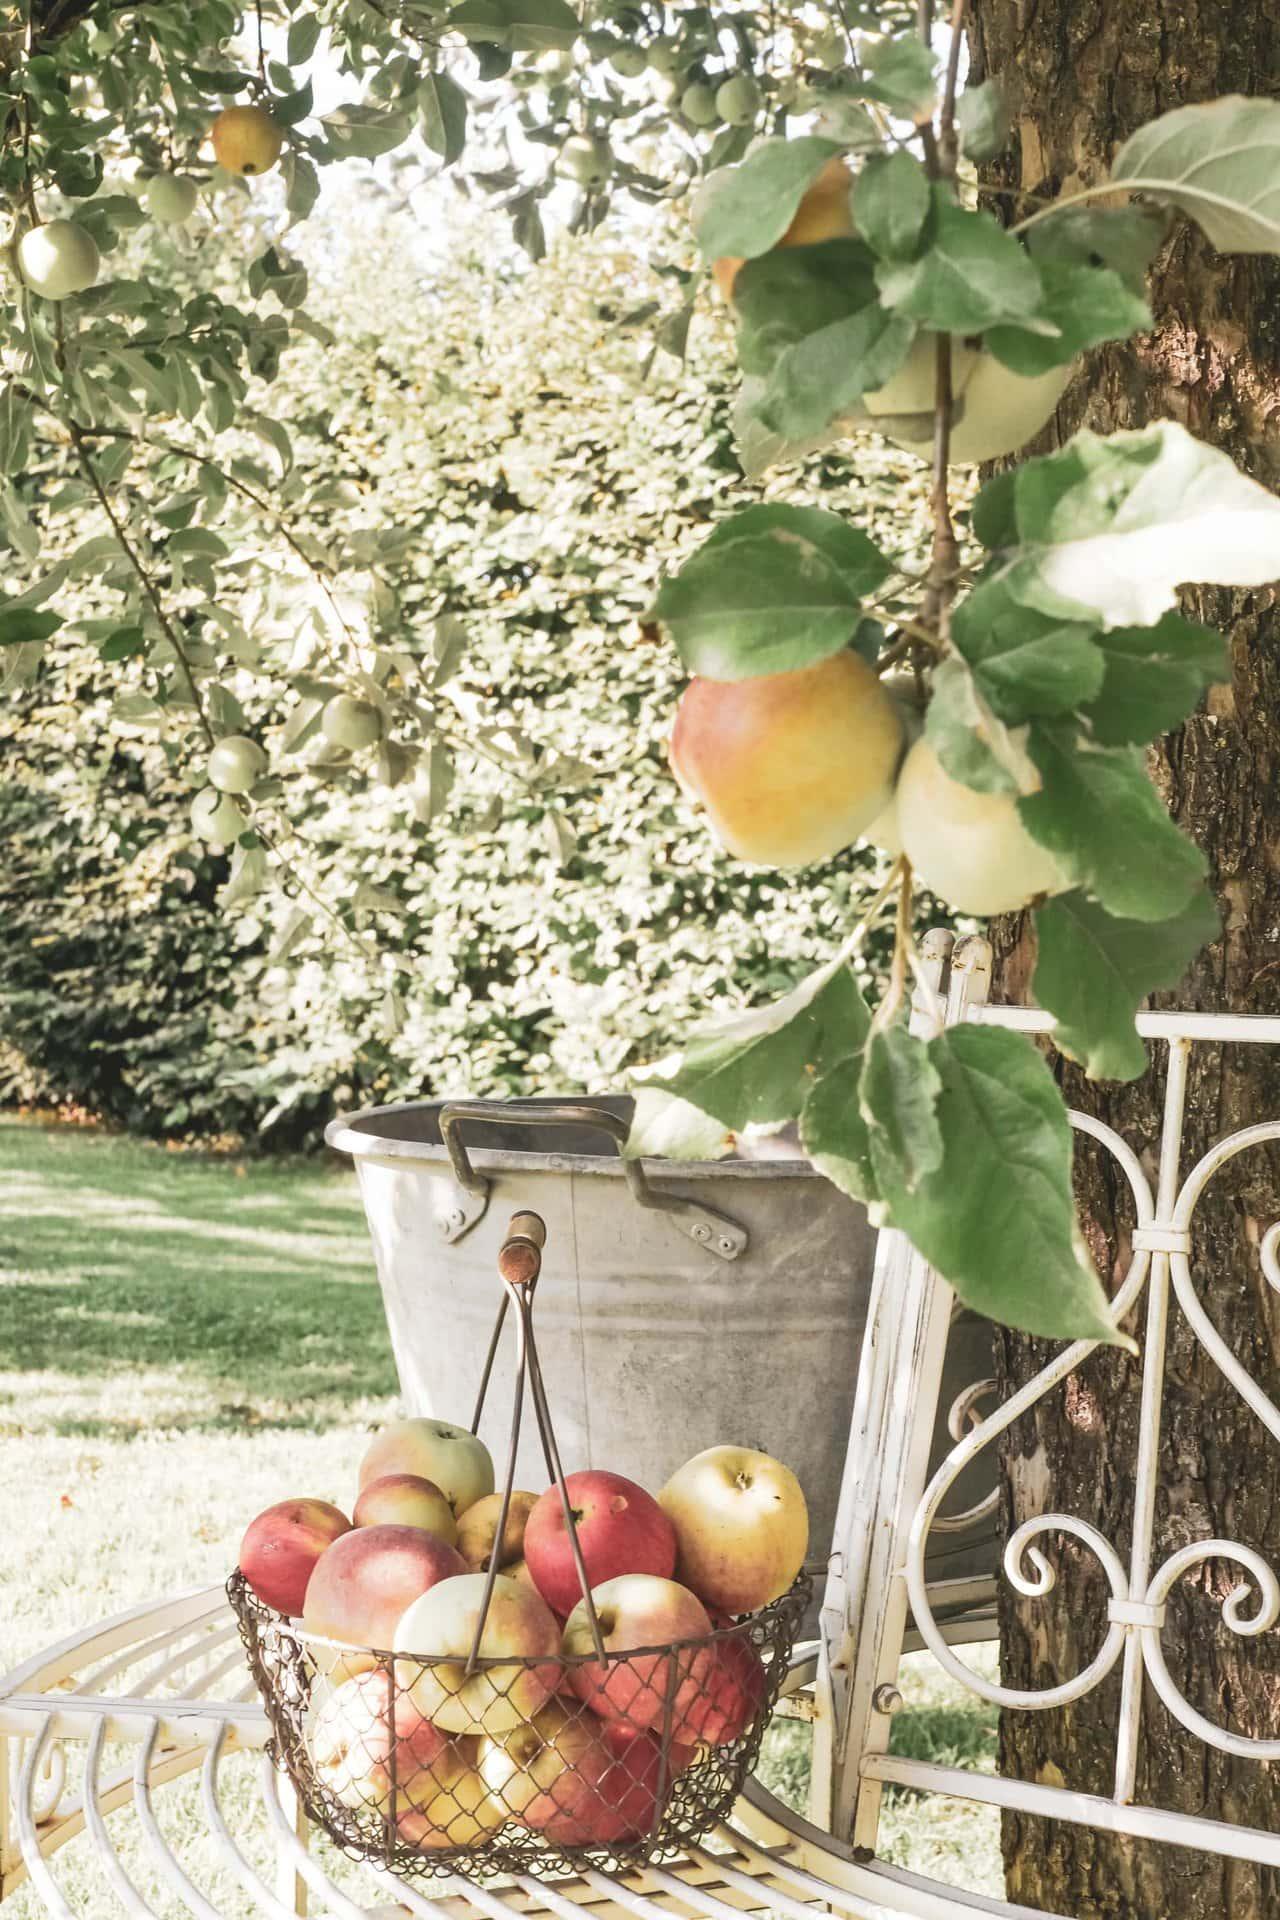 Apfel im Landhausgarten für die Gastgeberin als Gastgebergeschenke